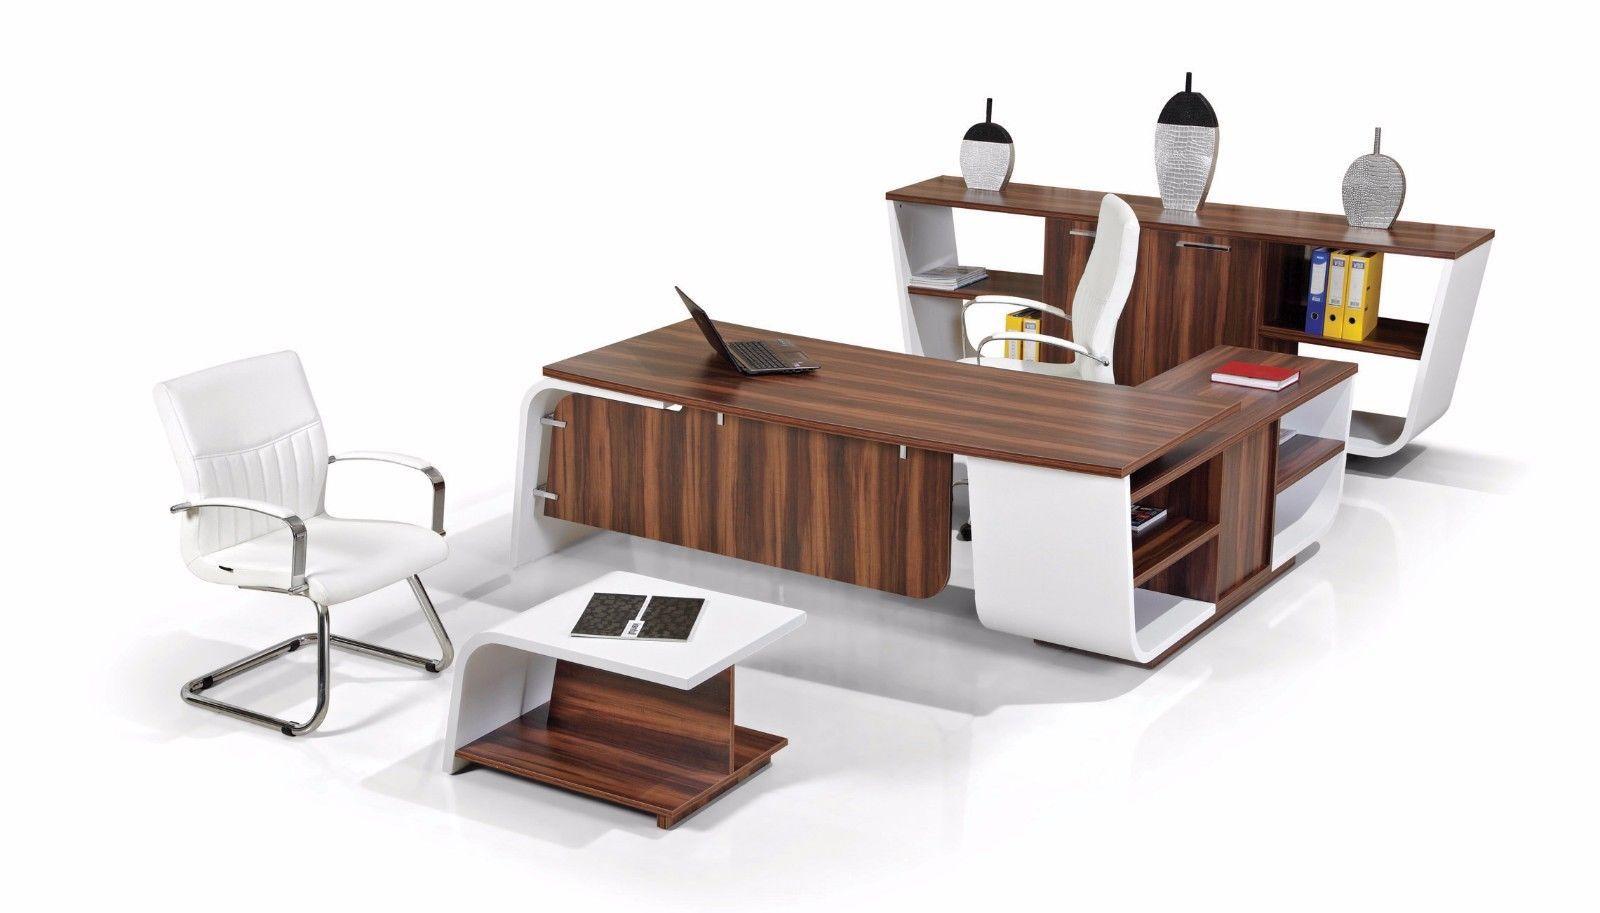 büromöbel tisch schrank büro komplett set design möbel